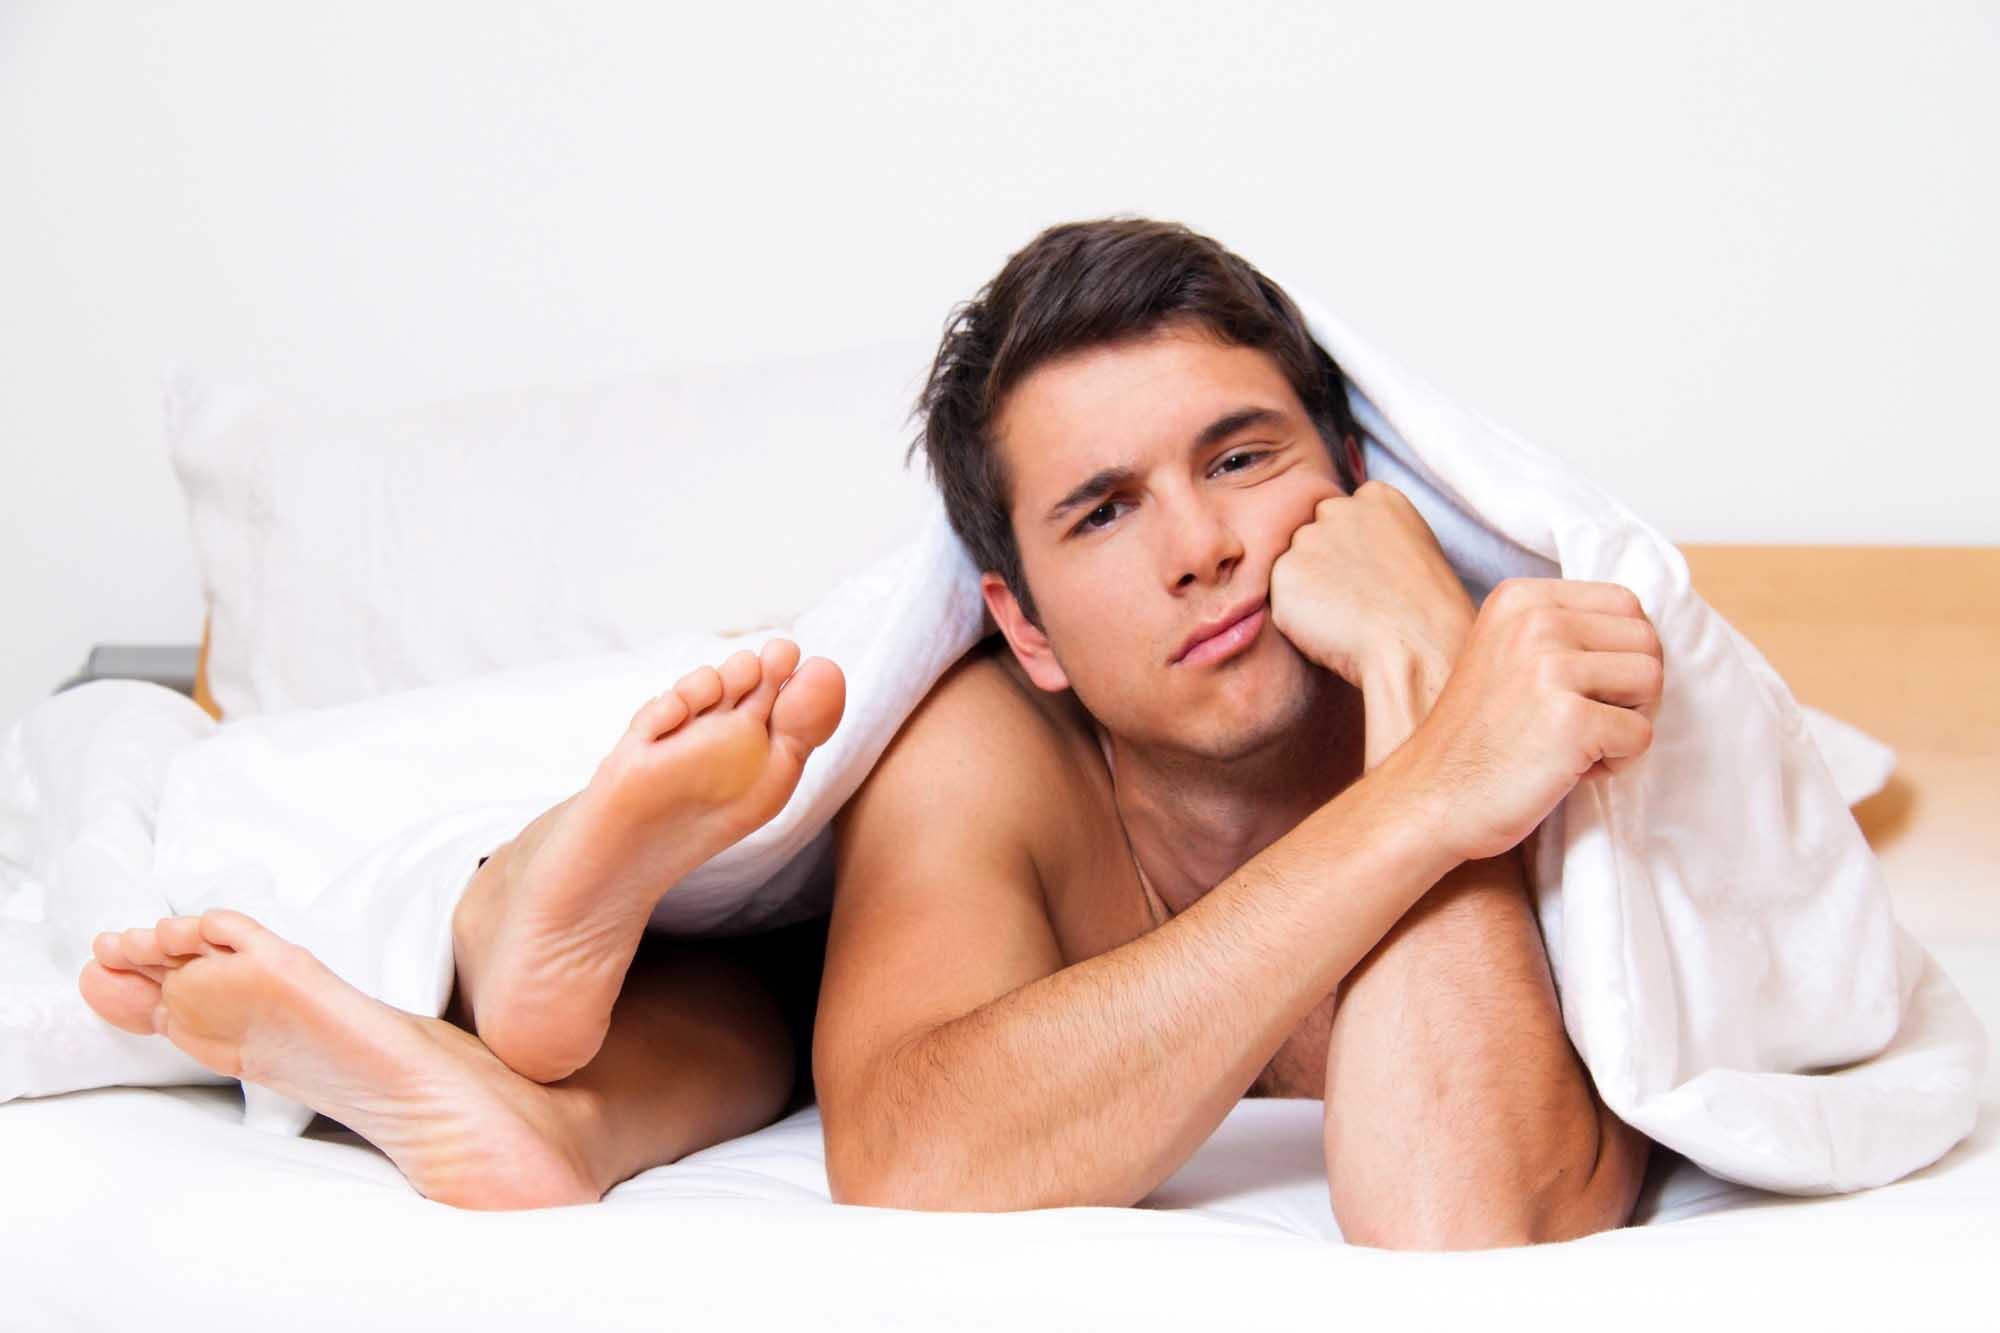 Перевозбуждение у мужчин: что делать, если болят яйца и низ живота